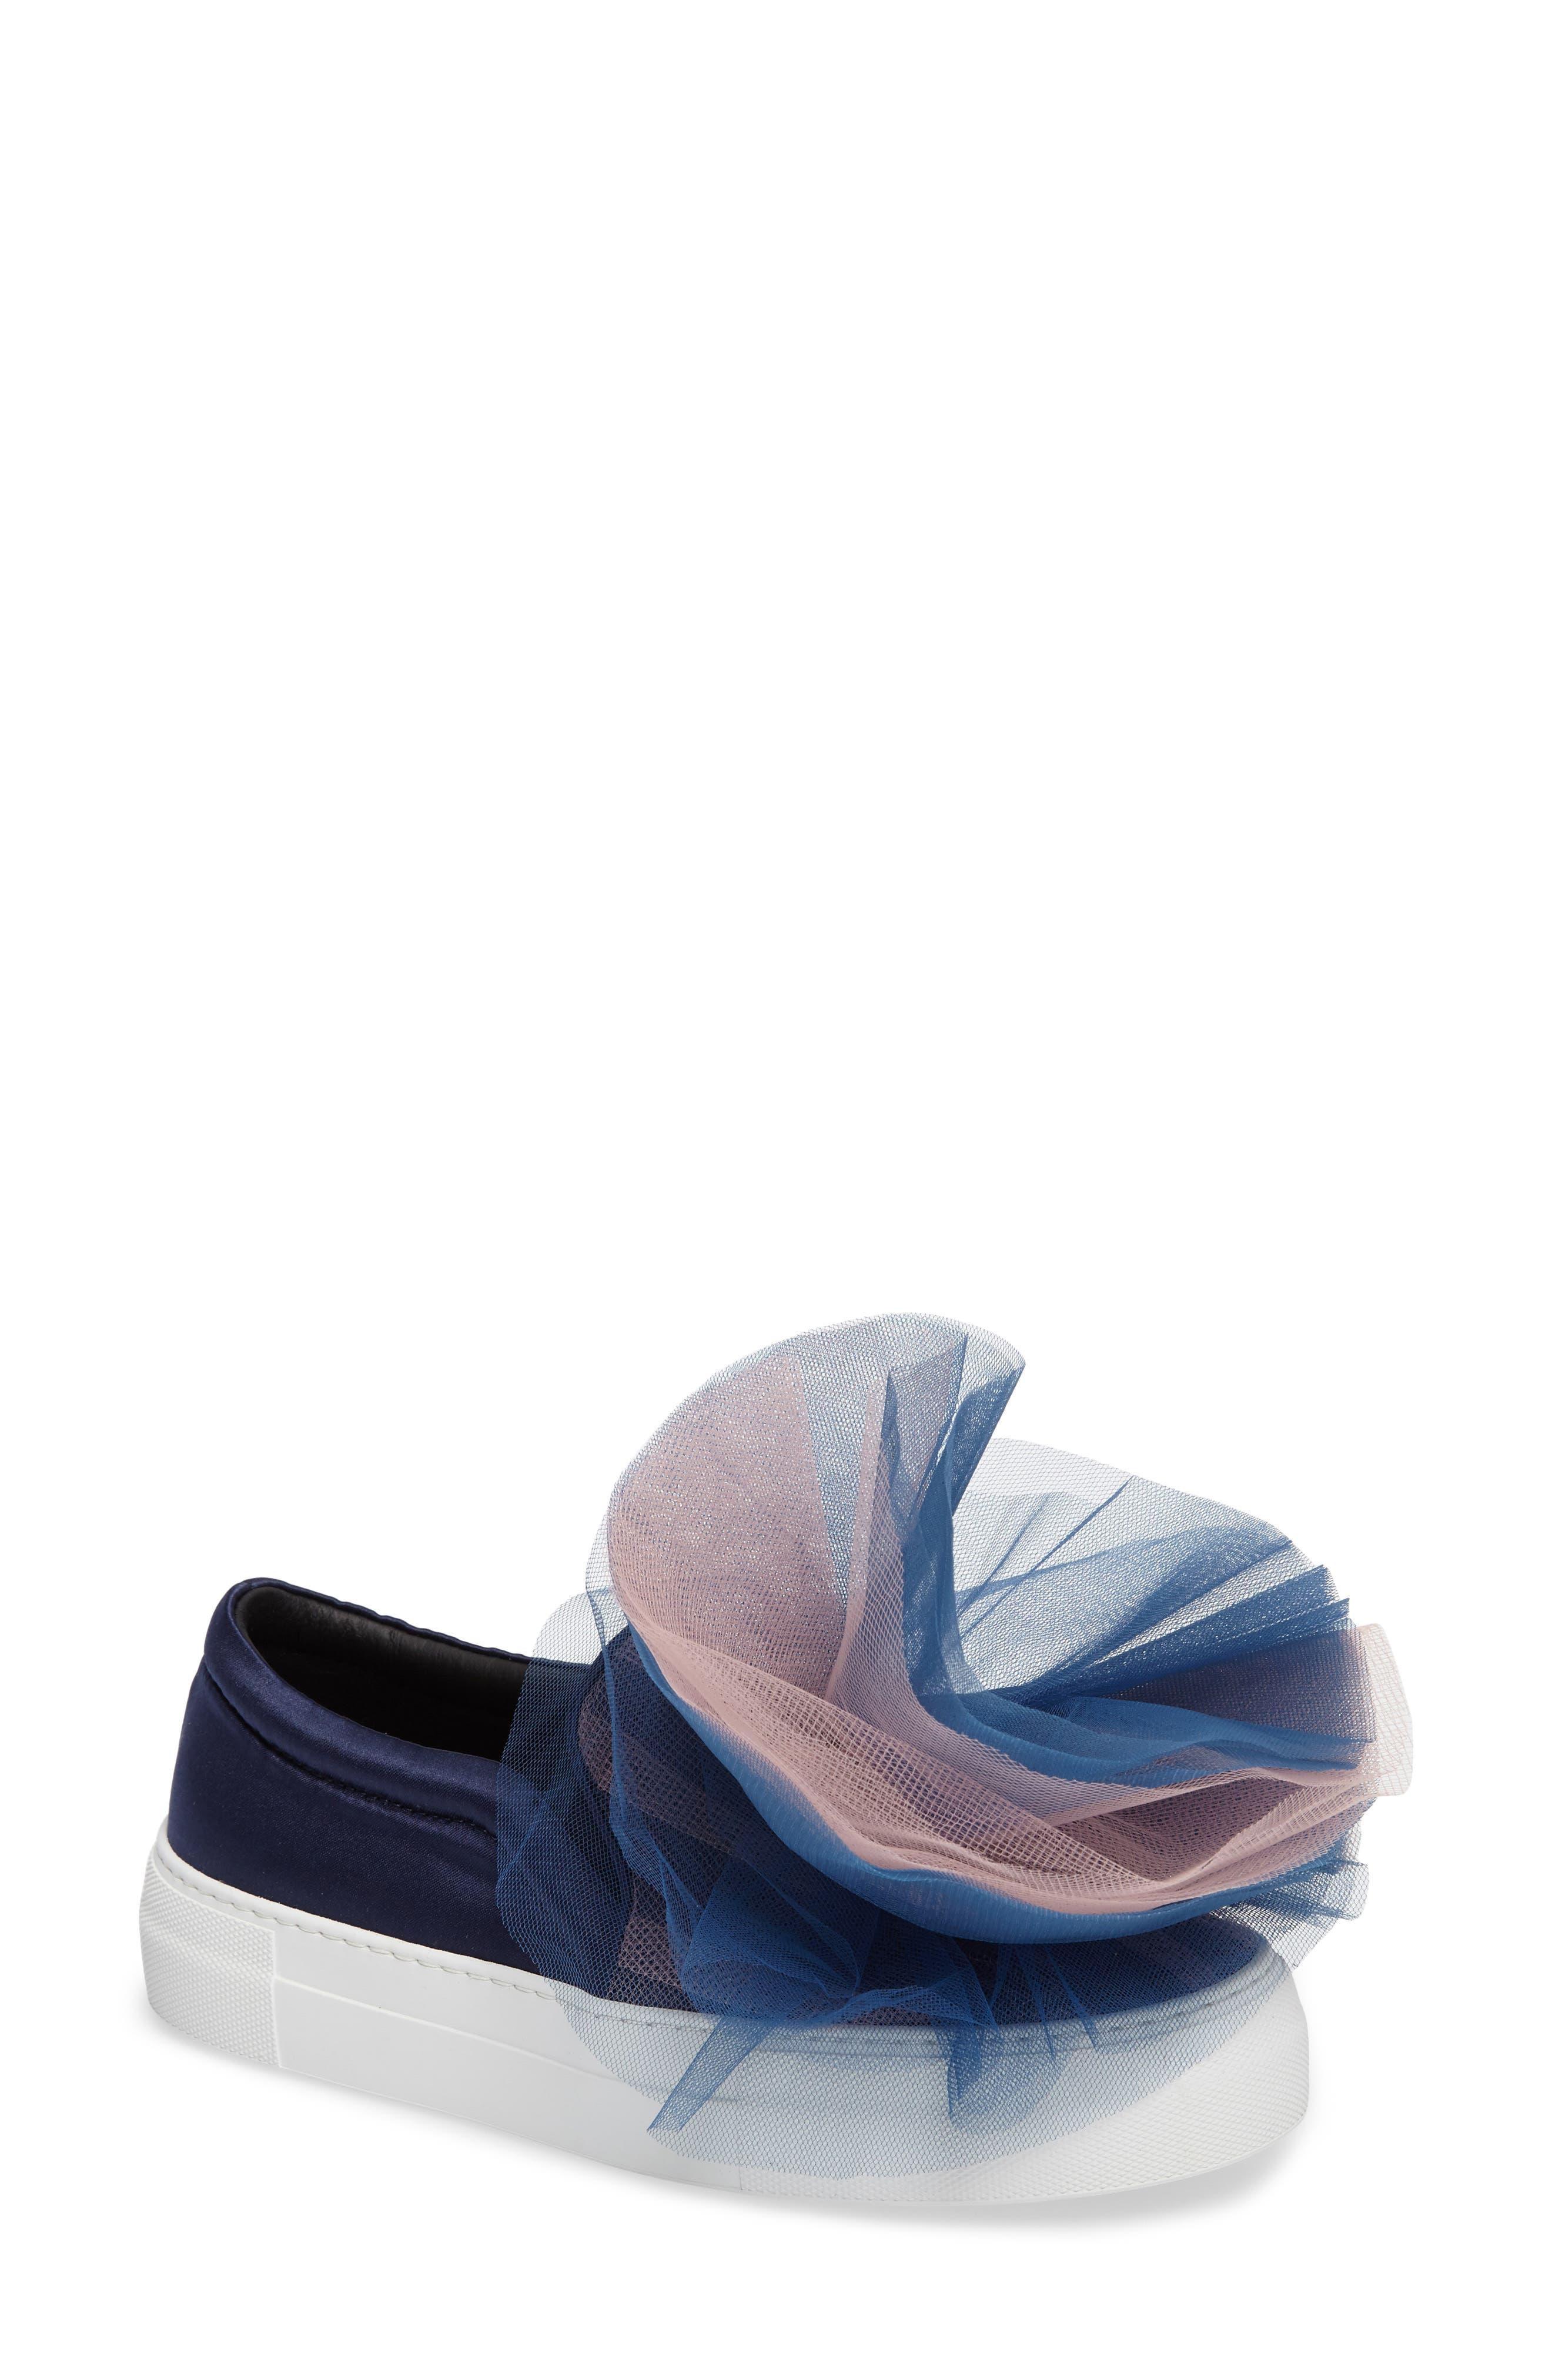 Tulle Slip-On Sneaker,                         Main,                         color,